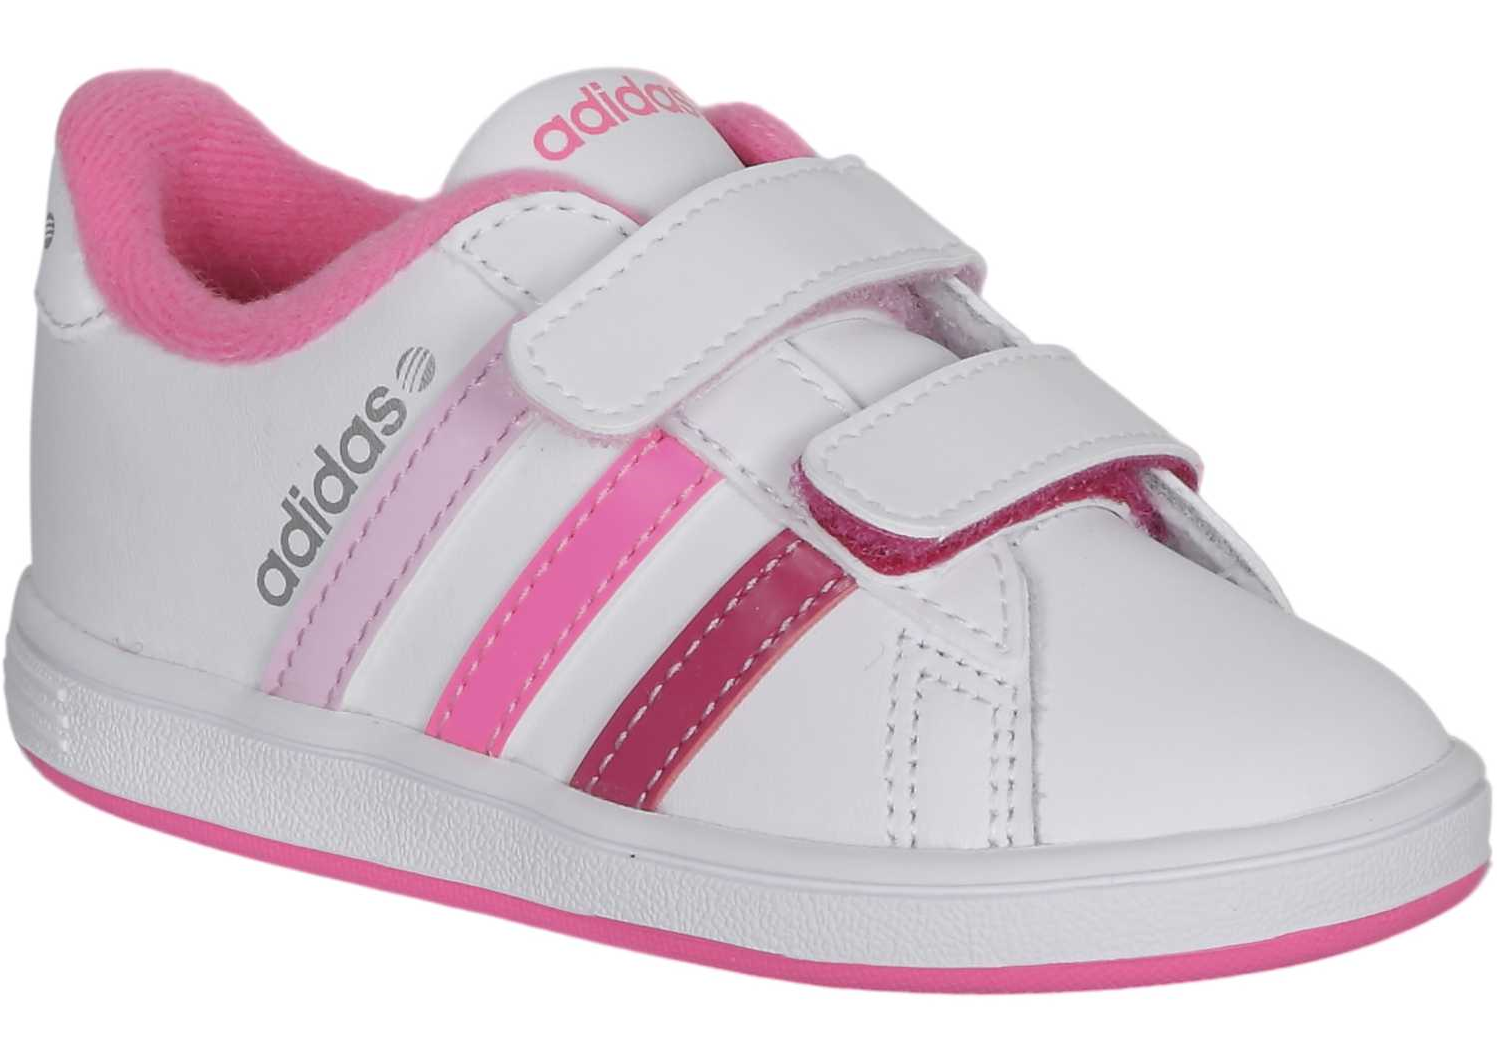 Adidas Tenis Rosas Con Blanco